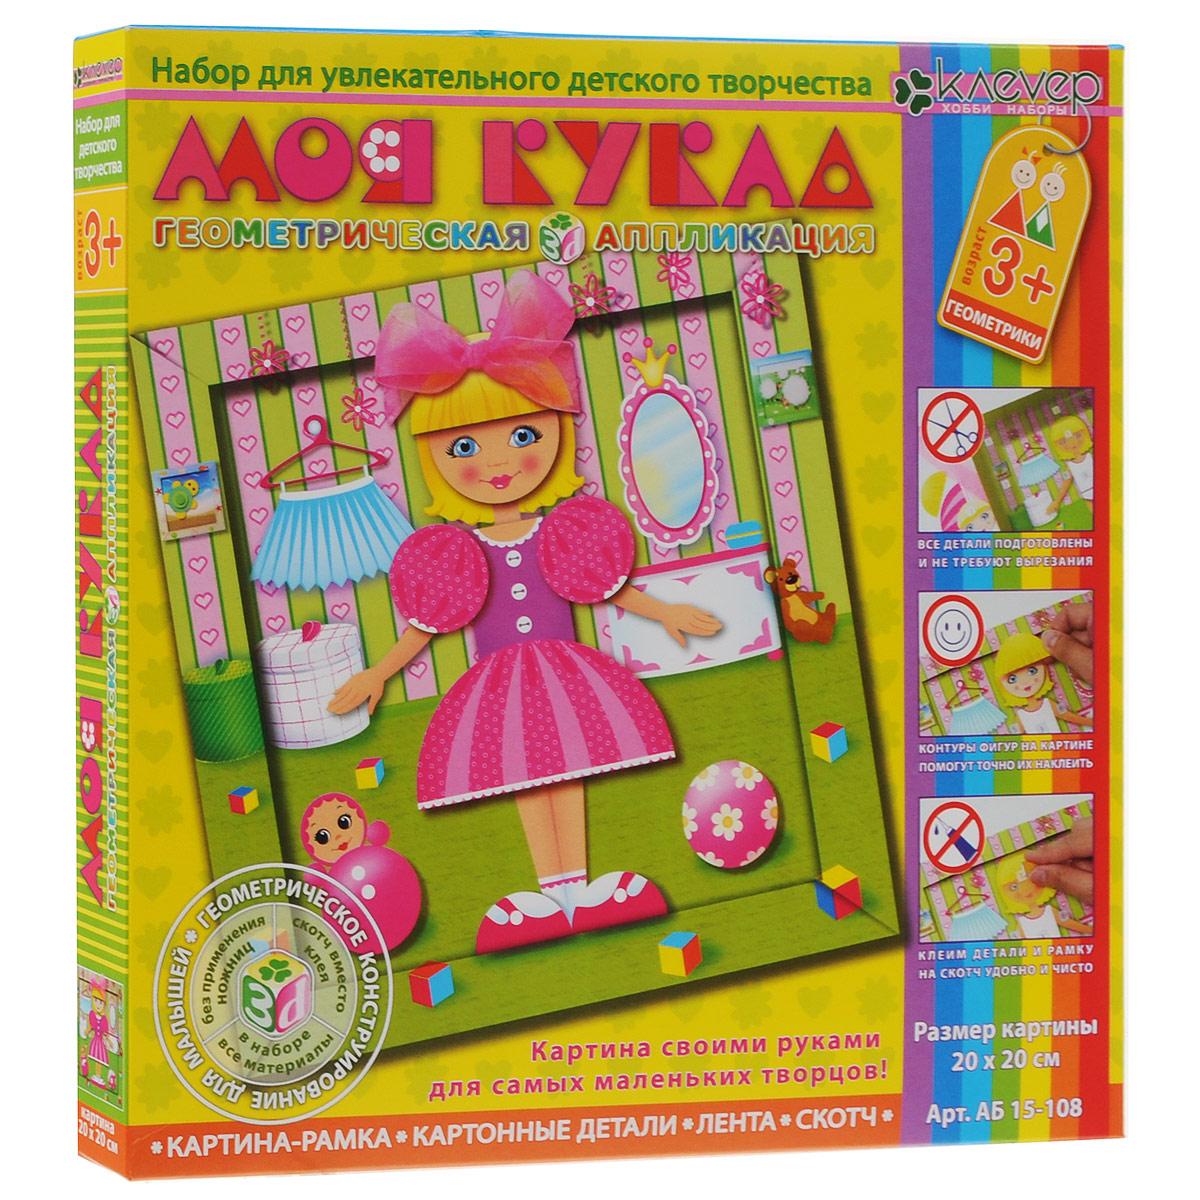 Набор для создания геометрической аппликации Моя куклаАБ 15-108Набор для создания геометрической аппликации Моя кукла позволит вашему малышу своими руками создать яркую картину с изображением очаровательной куколки в кукольном домике. Набор включает в себя готовые детали из картона, капроновую ленту, картонную подставку и двусторонний объемный и тонкий скотч. Все детали подготовлены и не требуют вырезания. Инструкция расположена на тыльной стороне упаковки. Набор является не только замечательным подарком, но и увлекательным методическим пособием, развивающим способности ребенка младшего дошкольного возраста. Конструирование из бумаги помогает развивать пространственное воображение, совершенствует моторику, тренирует речь, память, внимательность и аккуратность. Несложный и веселый творческий процесс непременно подарит ребенку массу удовольствия. А готовая картина с изображением трогательной куклы с бантиком украсит интерьер детской комнаты, а также станет предметом гордости малыша. Благодаря наборам из серии...